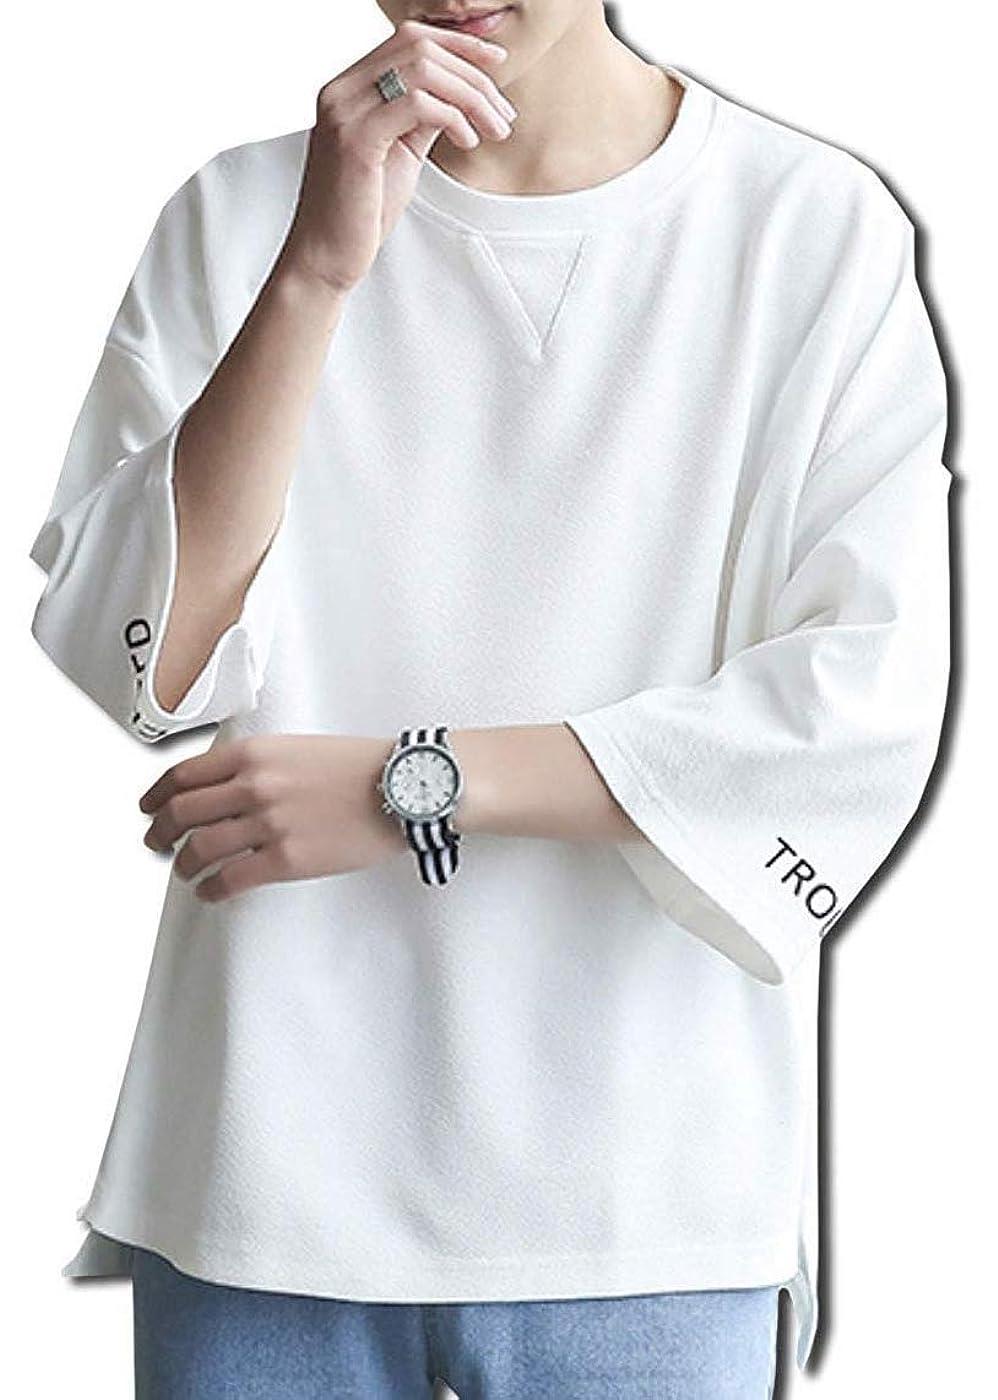 に負ける北極圏聴衆[ボルソ] 7分袖 ゆったり ビッグ シルエット Tシャツ メンズ (ブラック、ホワイト) M ~ XXL